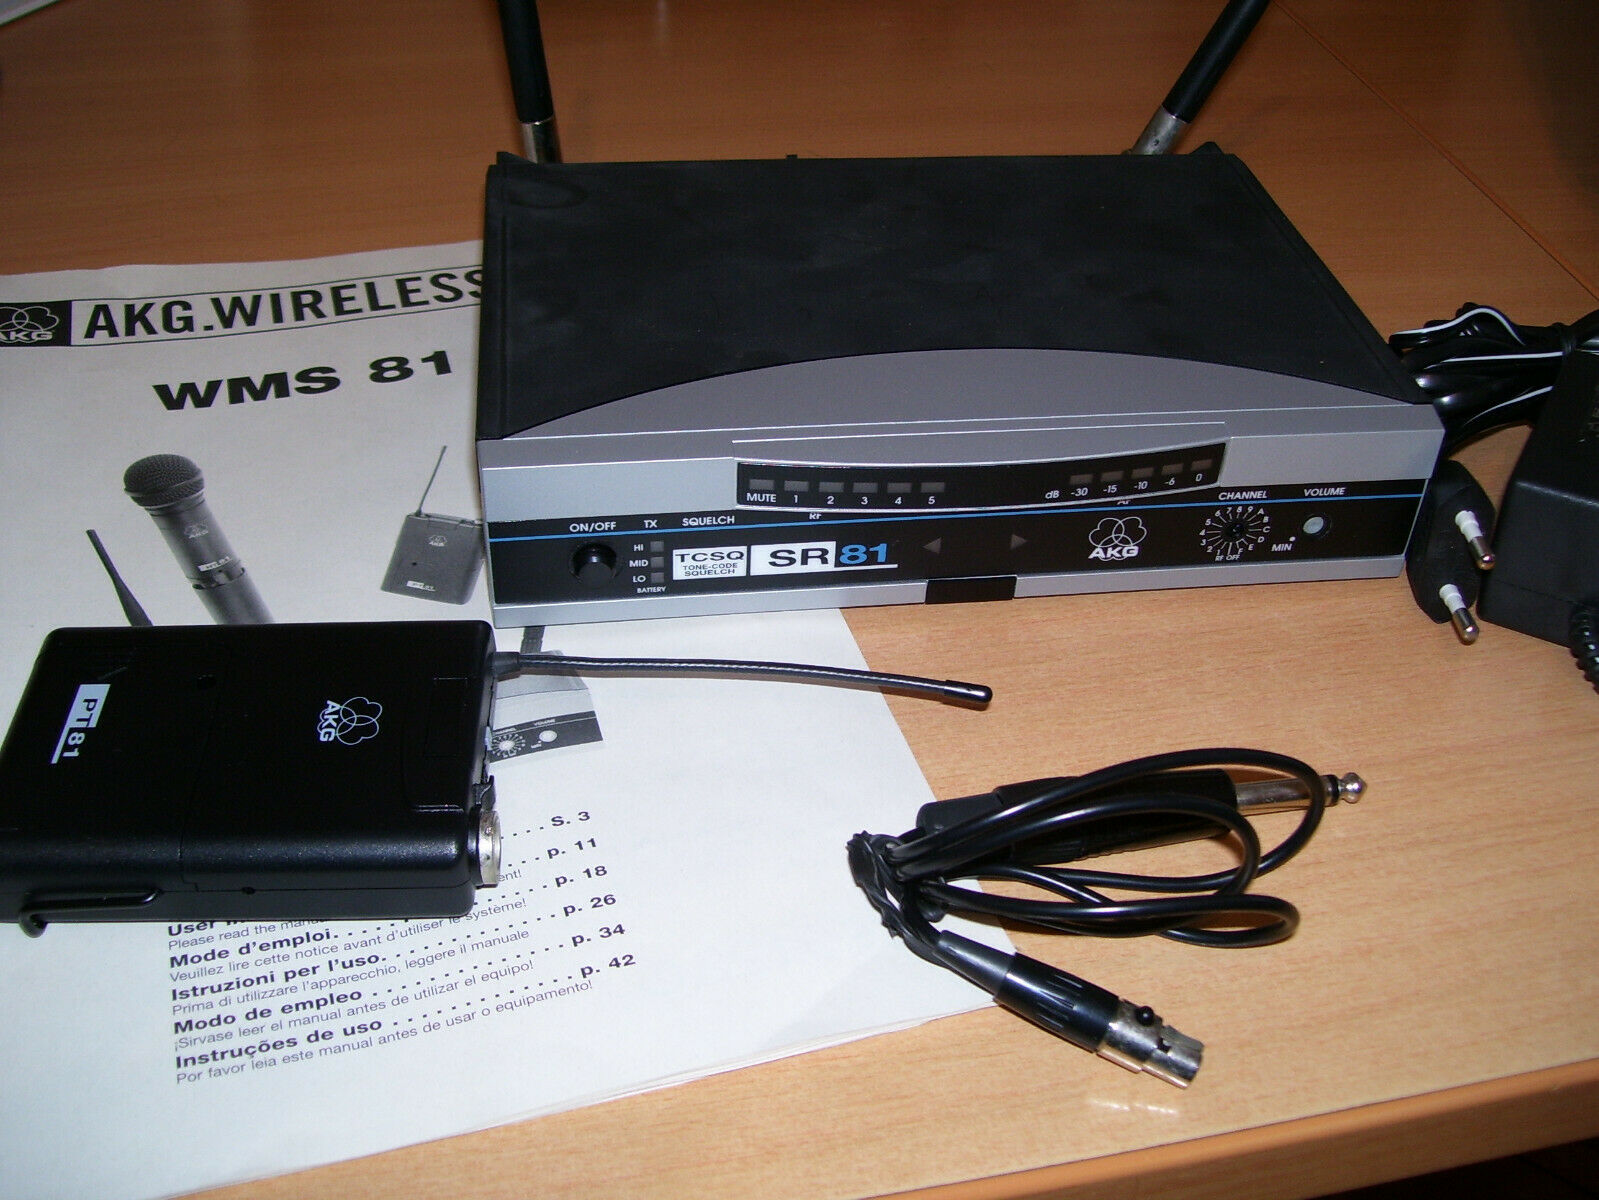 AKG Drahtlosanlage ,WMS 81, Gitarre,UHF, Wireless, Top Zustand,Taschensender